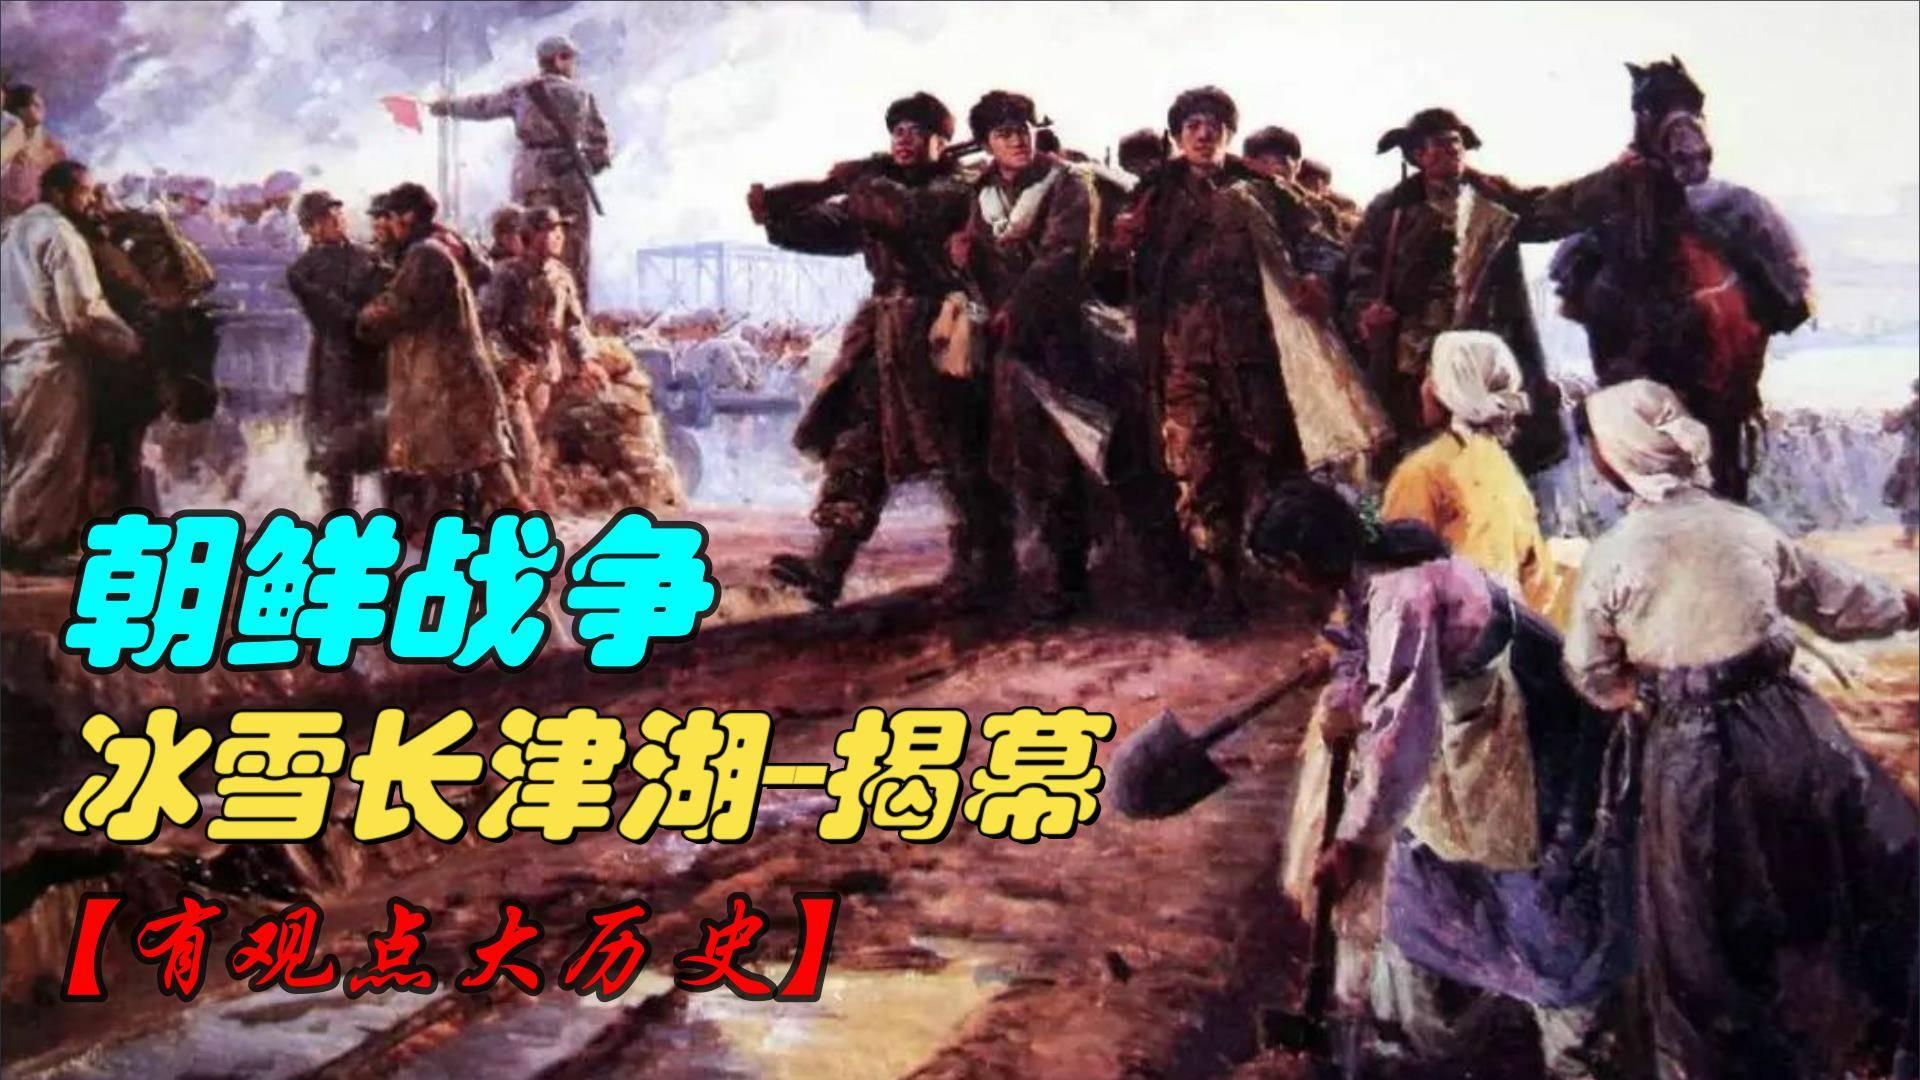 【蕉易&抽奖】朝鲜战争-冰雪长津湖:揭幕